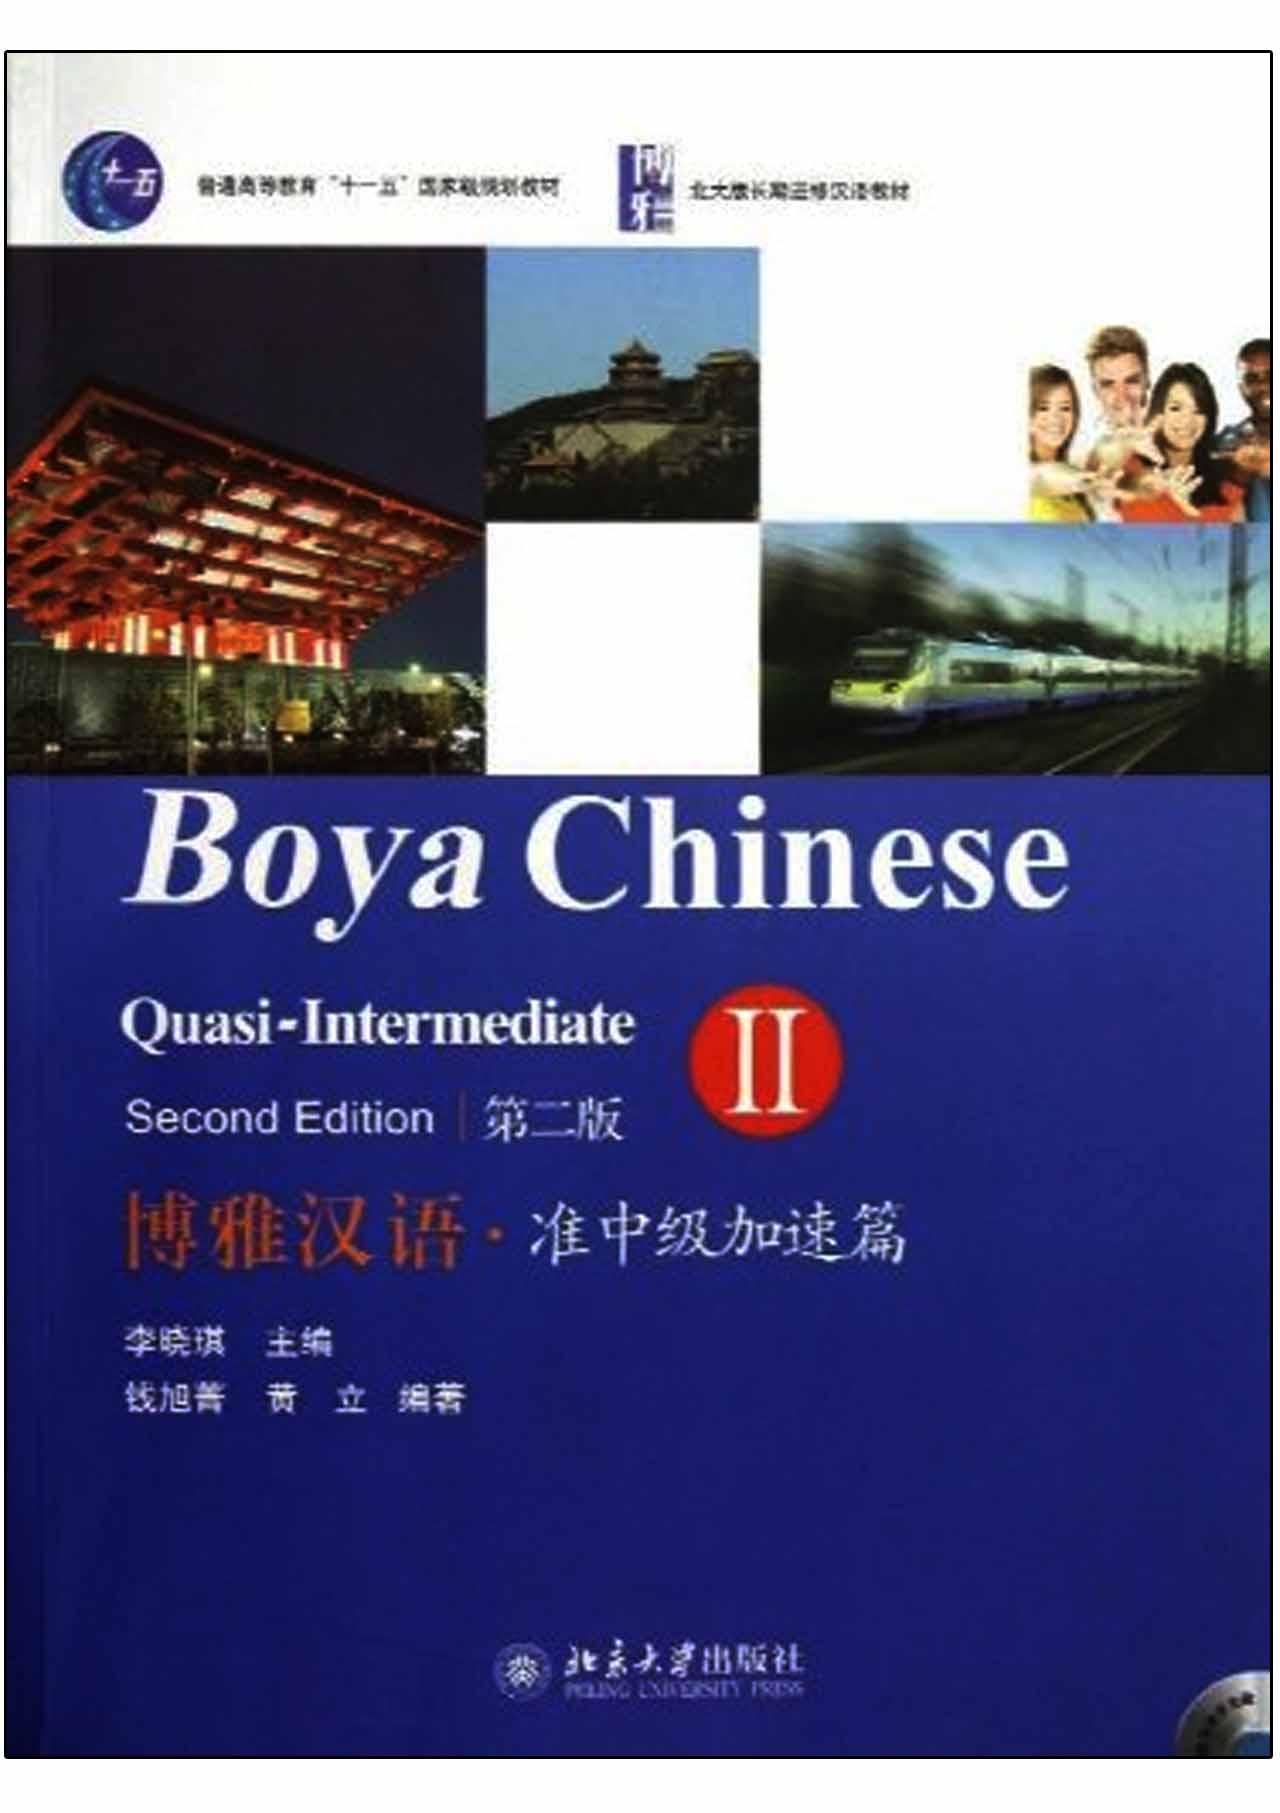 แบบเรียนภาษาจีน Boya Chinese Quasi-Intermediate Vol.2 (2nd ed.)